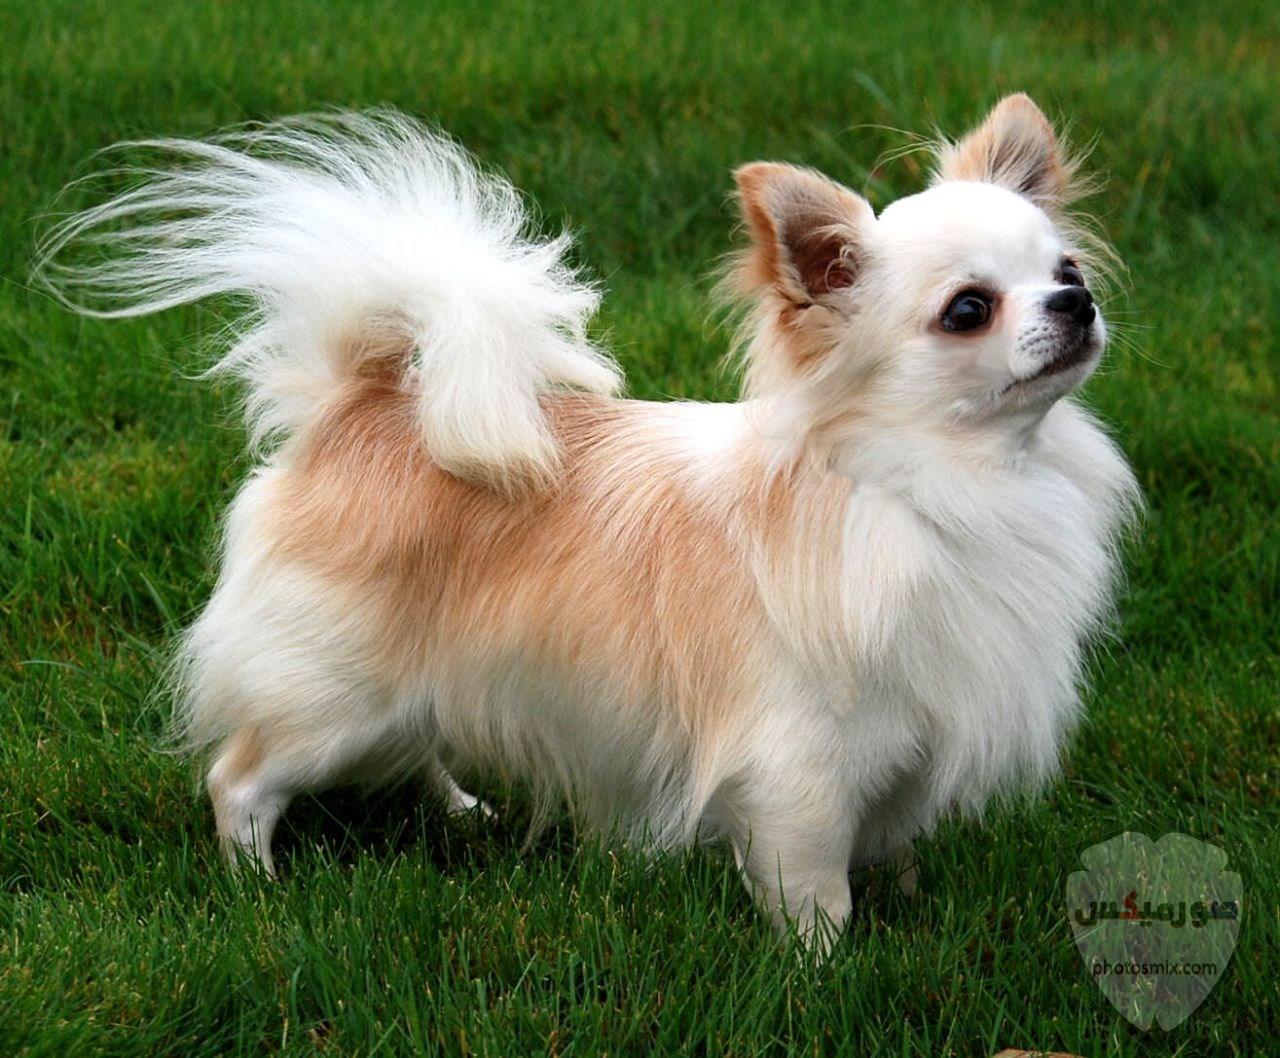 صور رمزيات خلفيات كلاب كيوت صورة كلب كيوت جدا 45